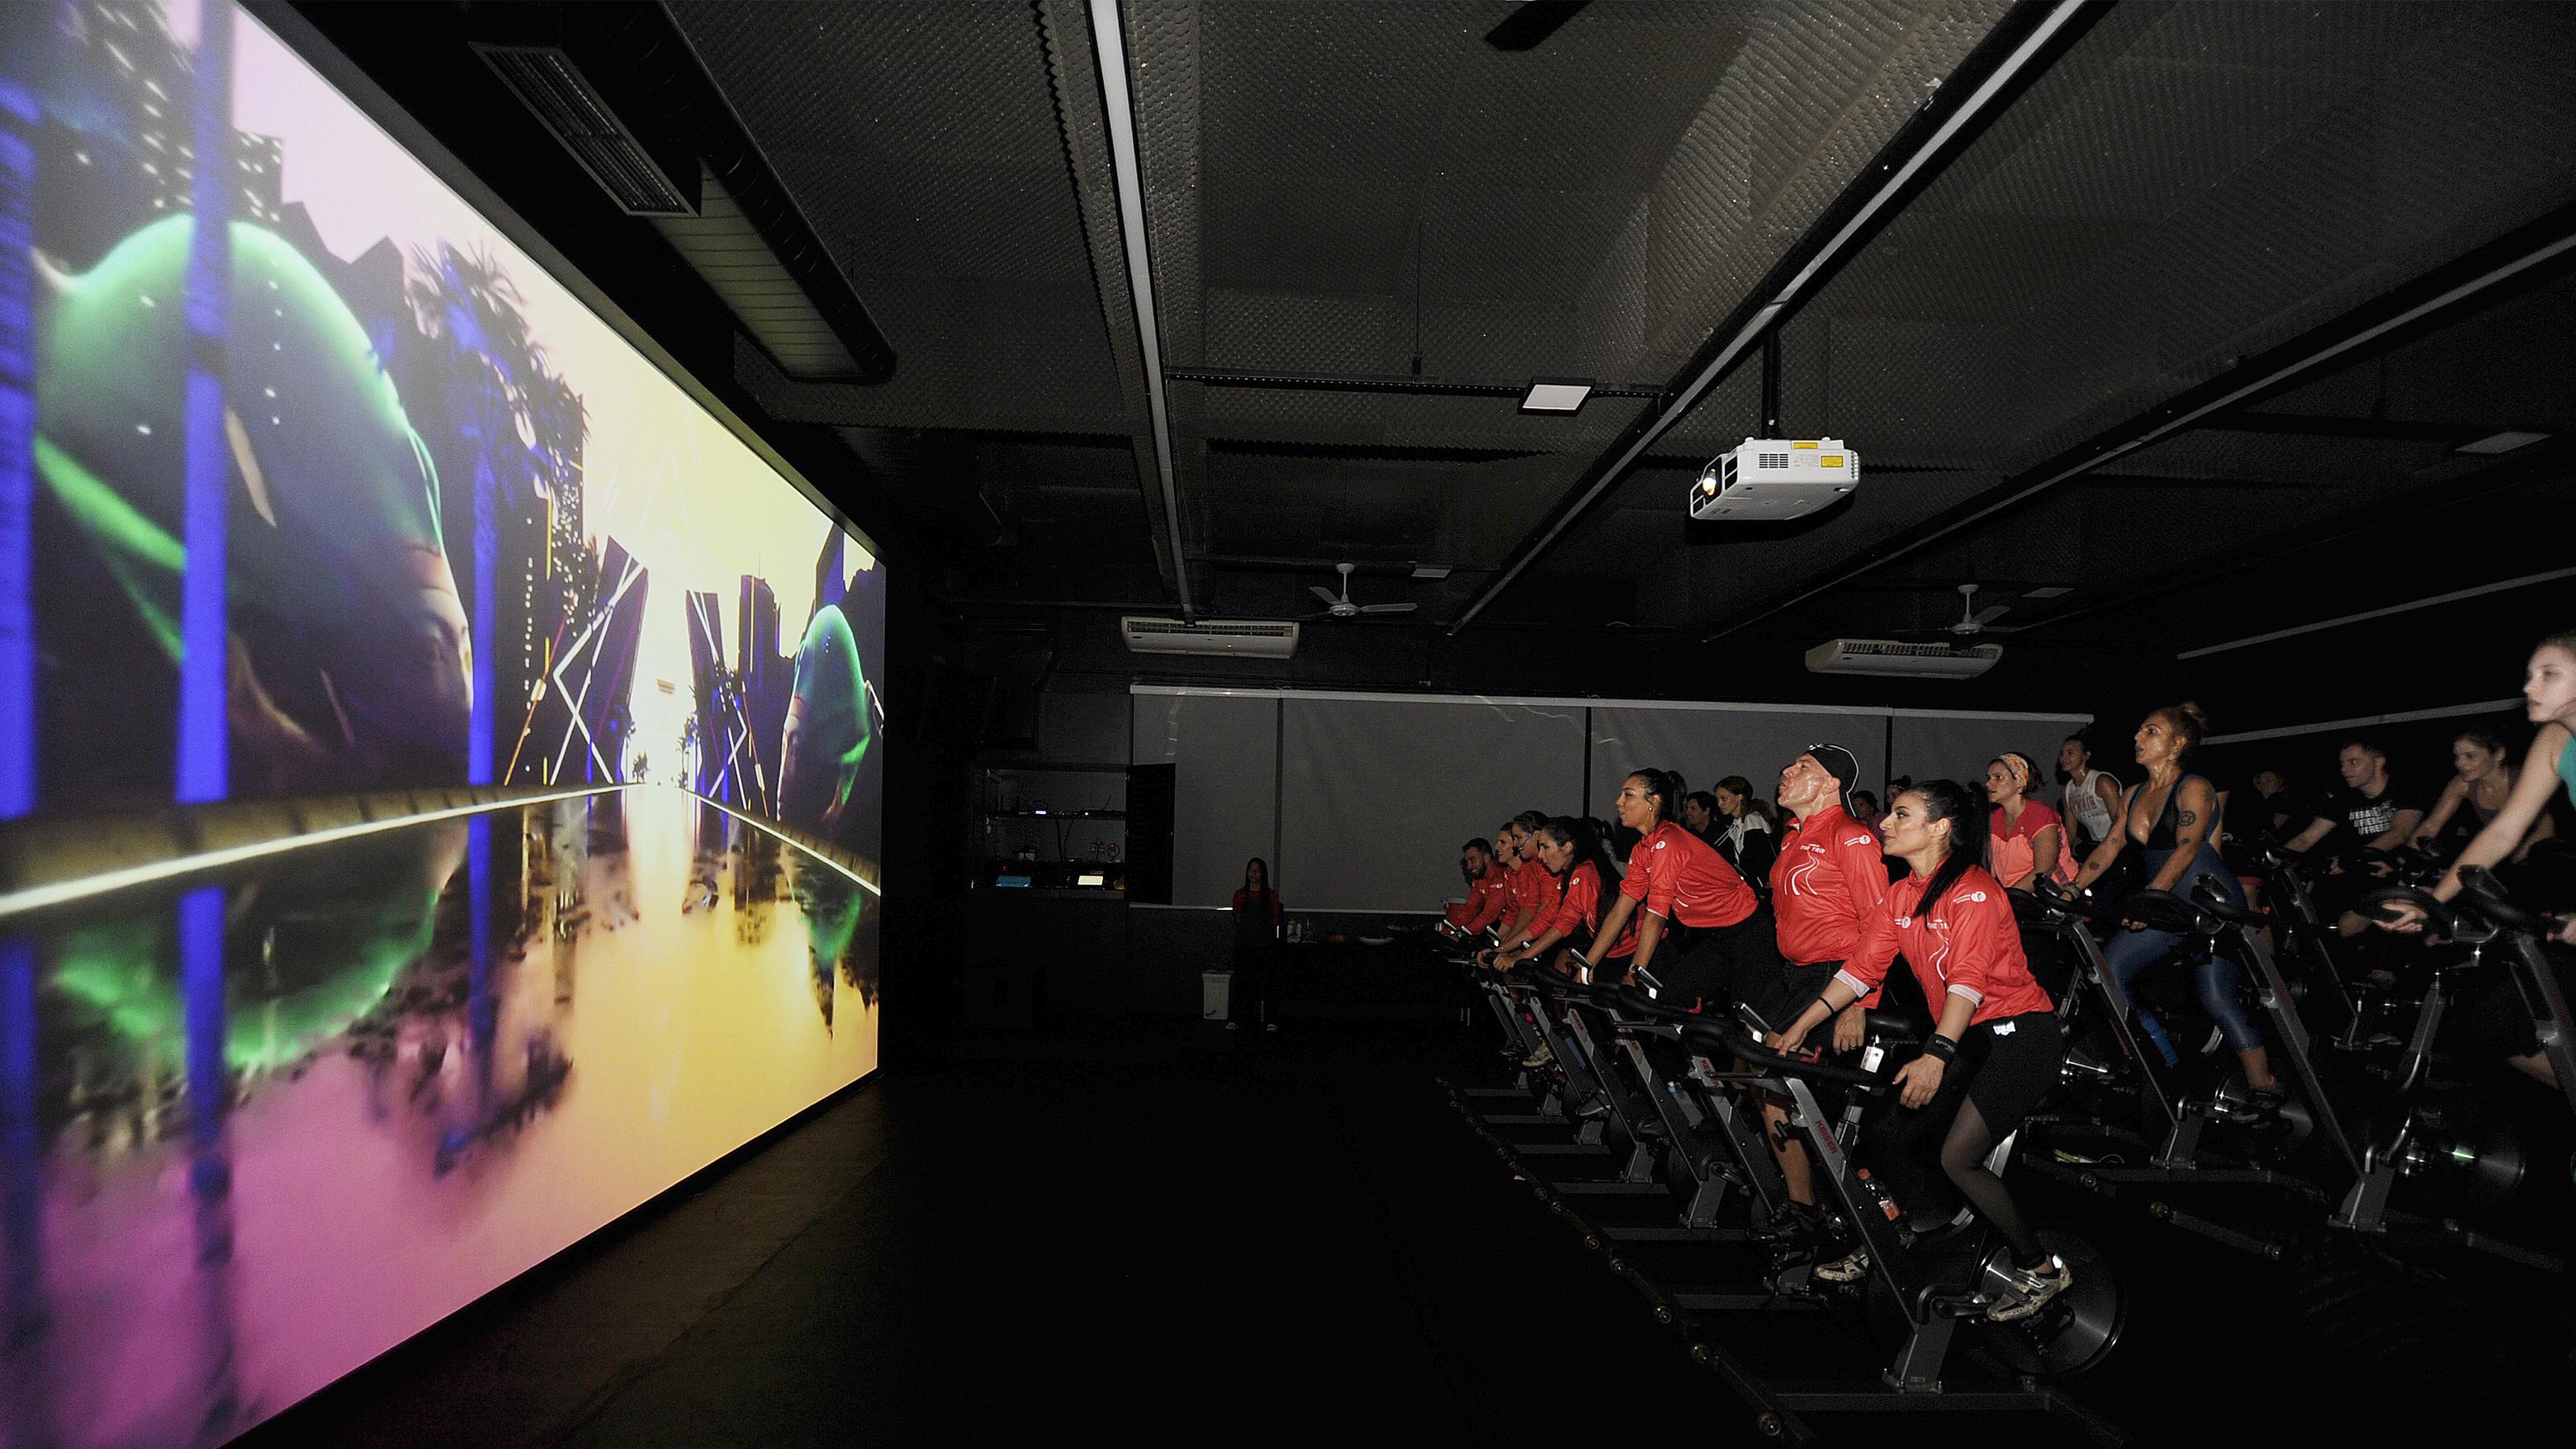 Testamos a The Trip, nova aula de spinning com tela de cinema